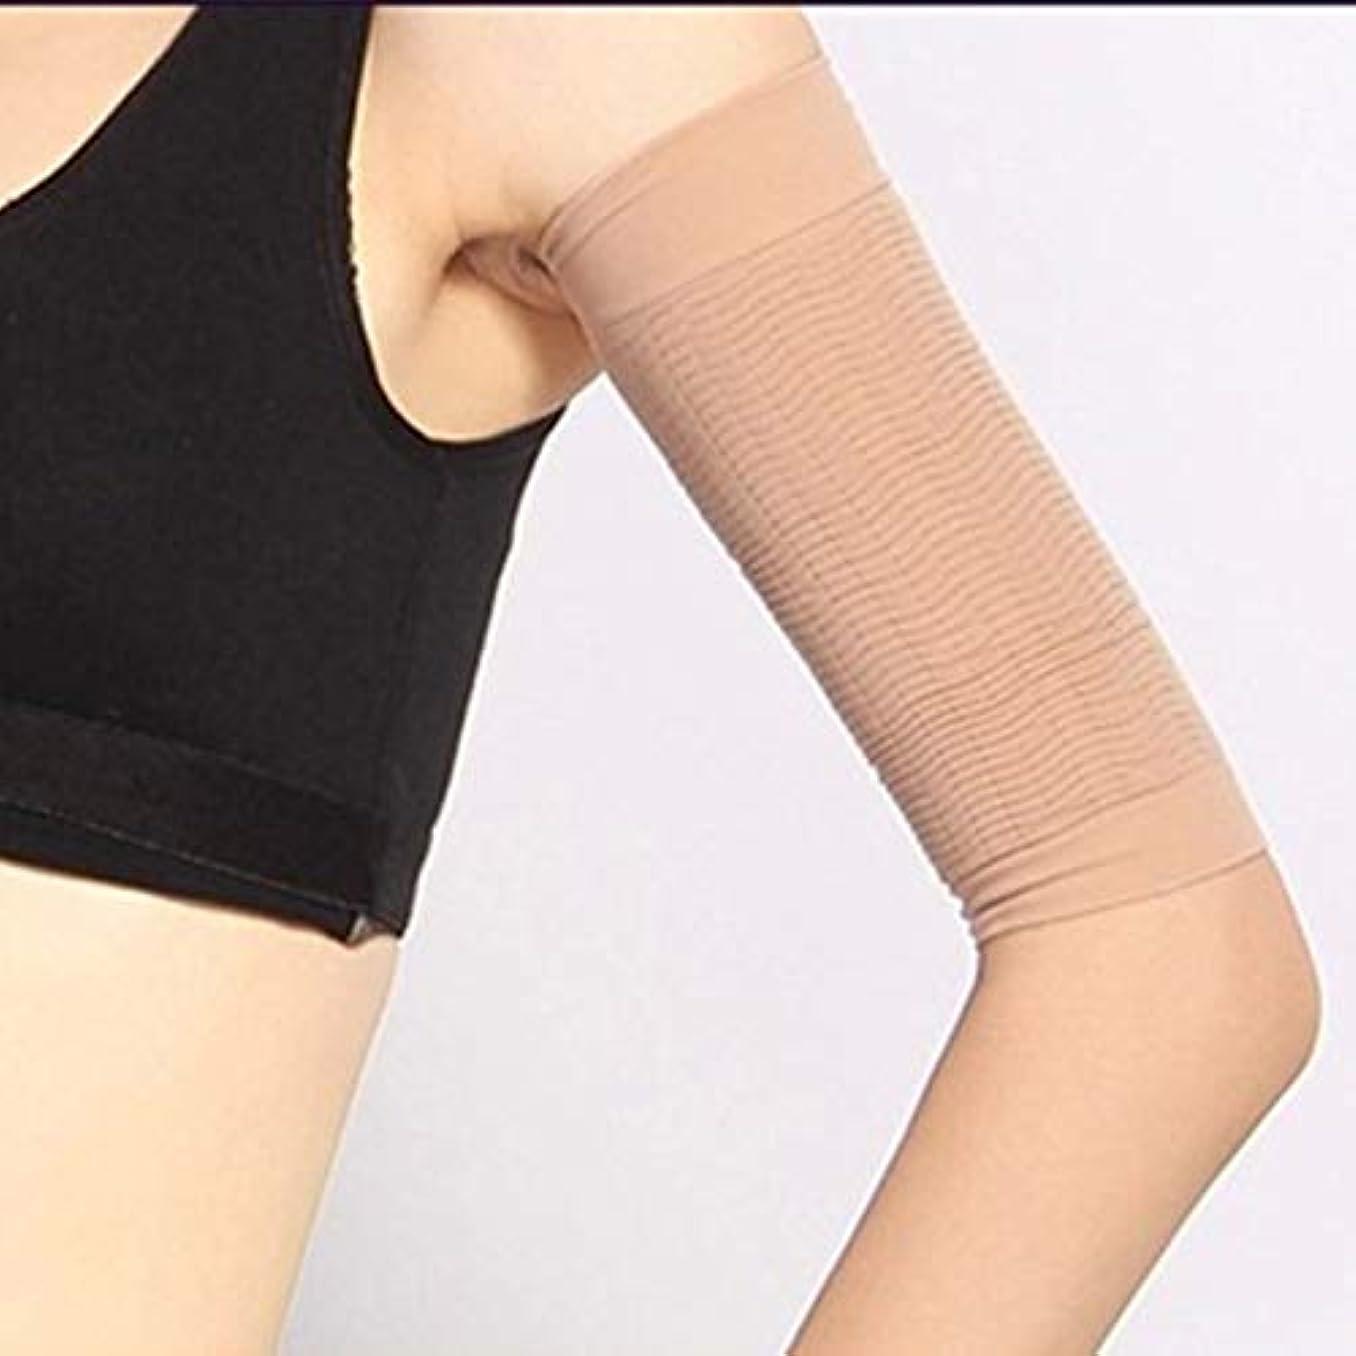 レーニン主義分割哲学博士1ペア420 D圧縮痩身アームスリーブワークアウトトーニングバーンセルライトシェイパー脂肪燃焼袖用女性 - 肌色